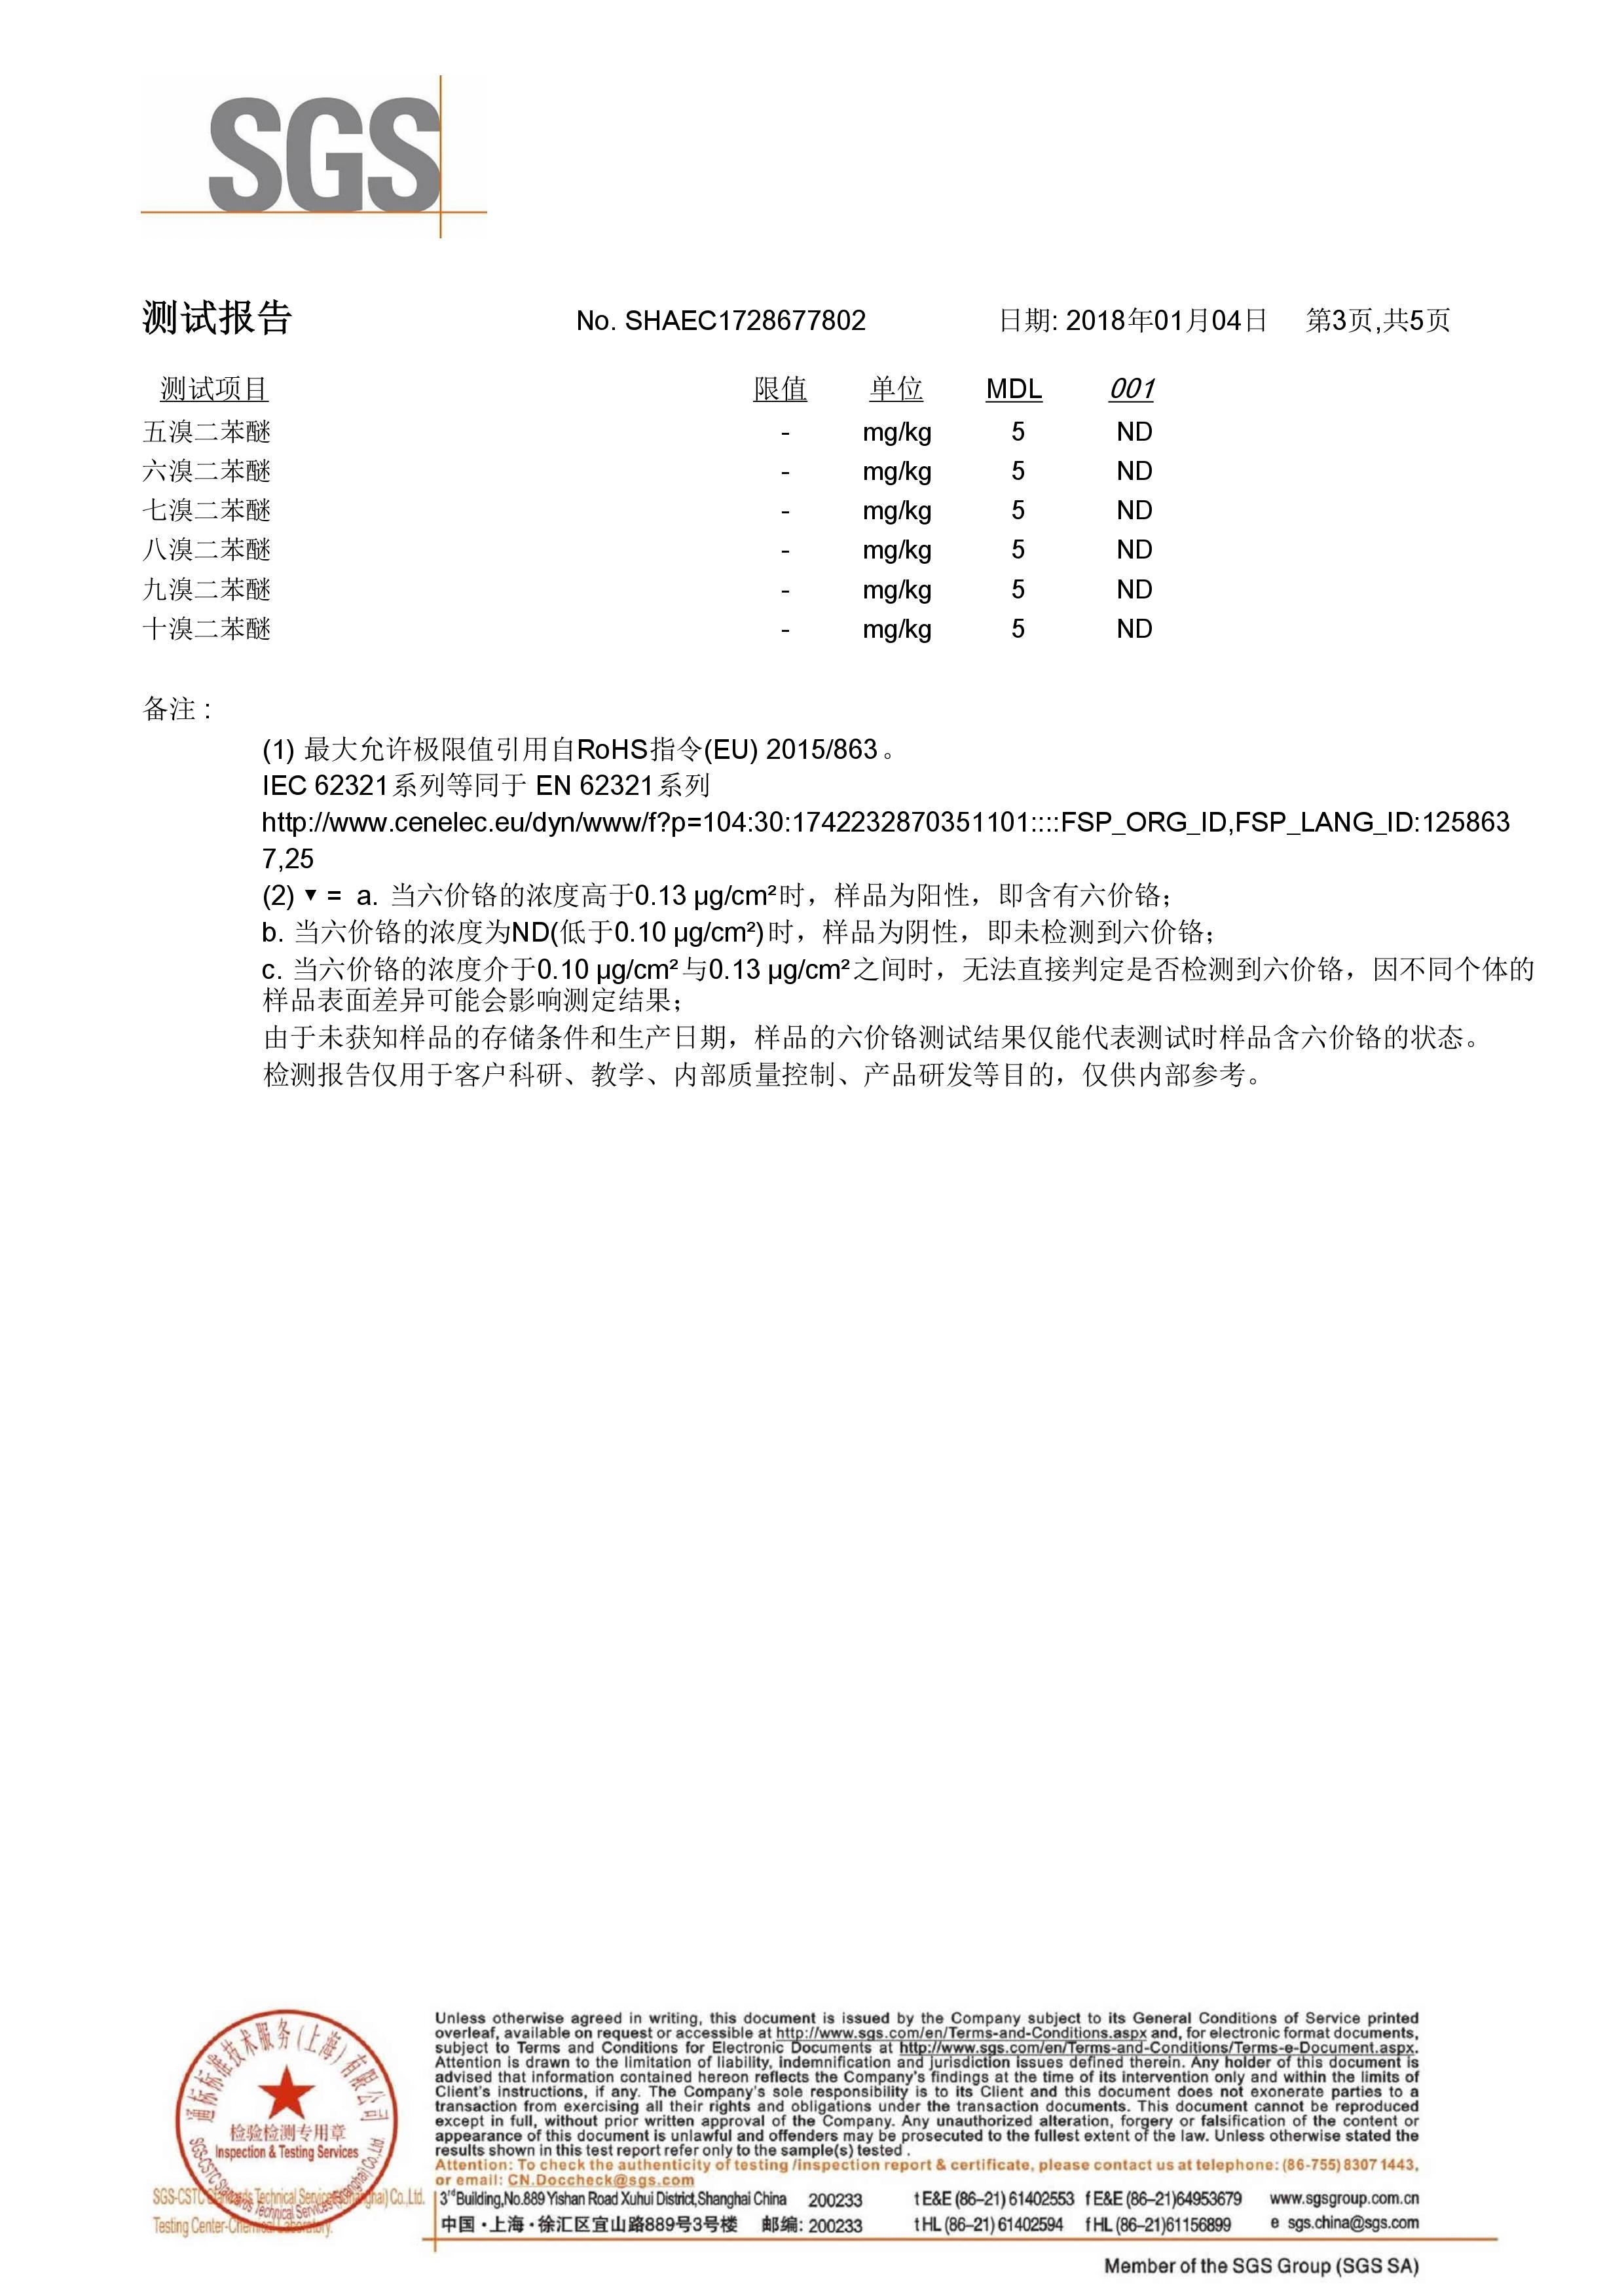 鍍鎳SGS中文版-1